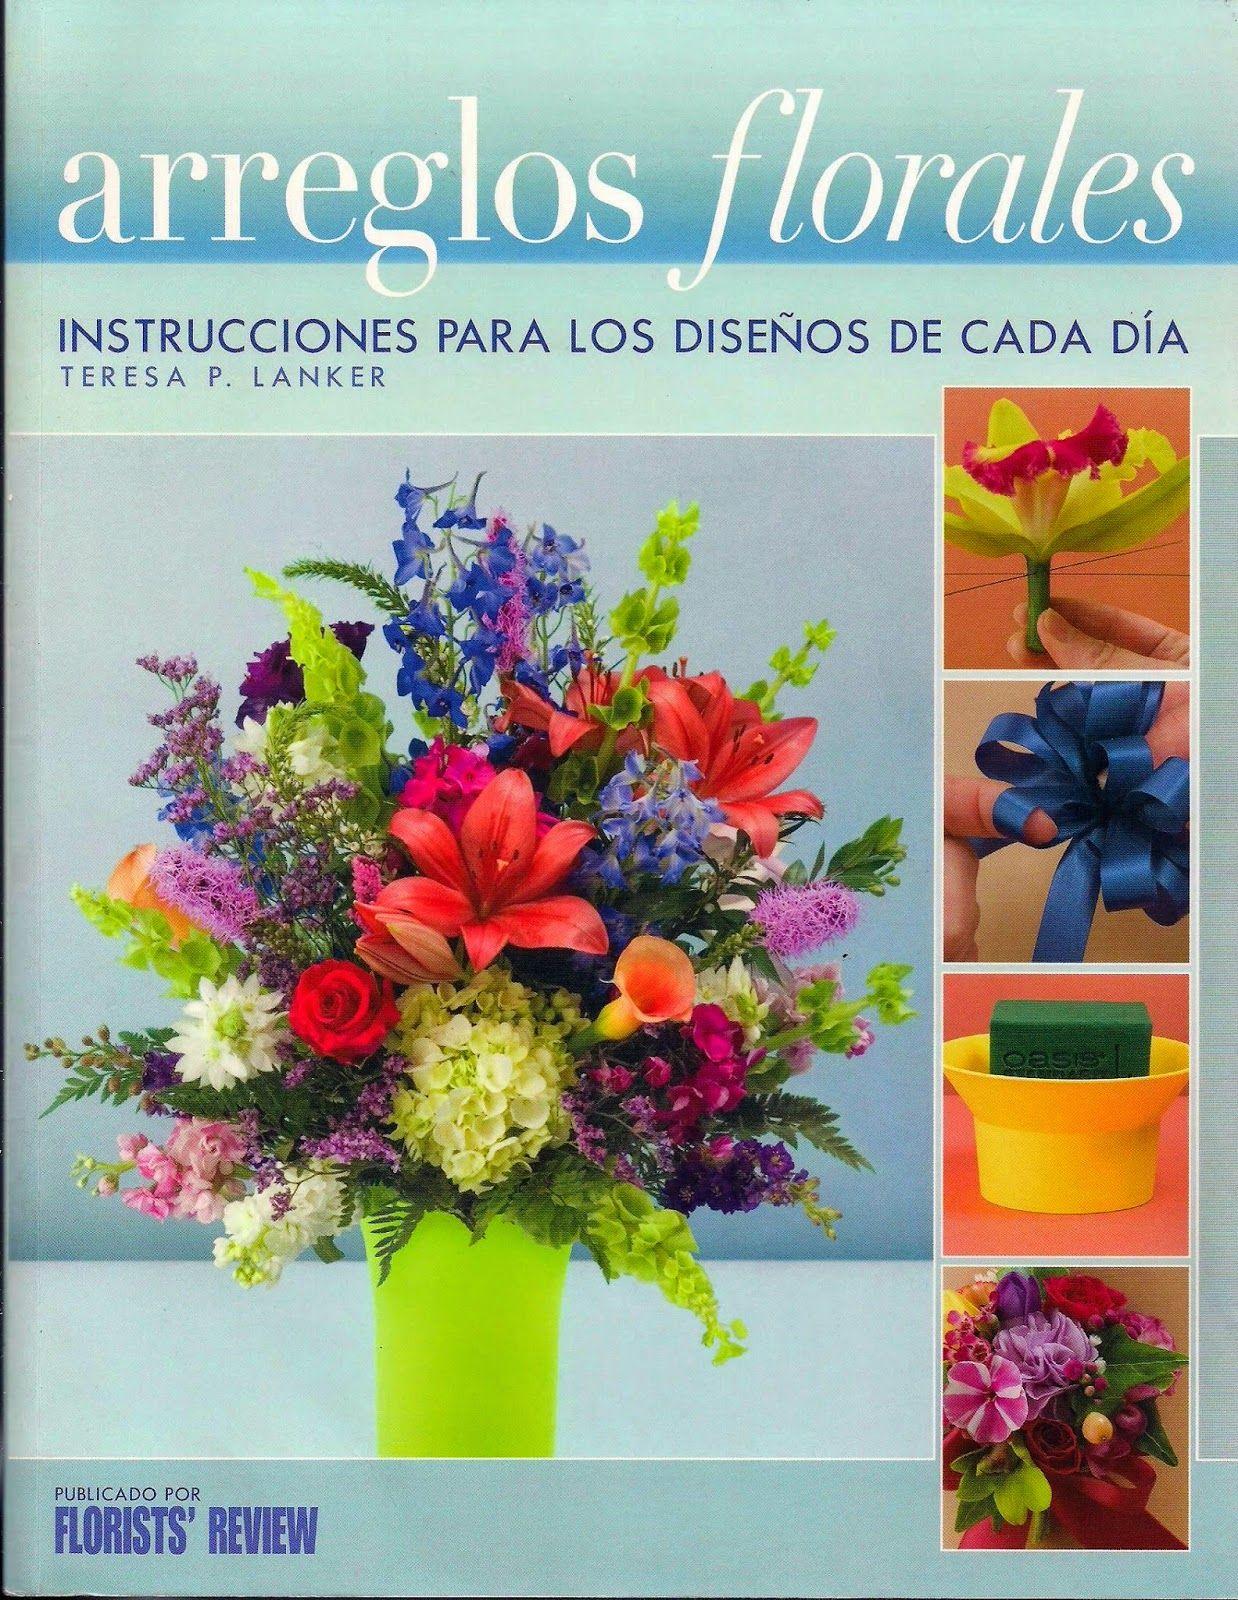 Como hacer arreglos florales revista gratis  Lugares para visitar